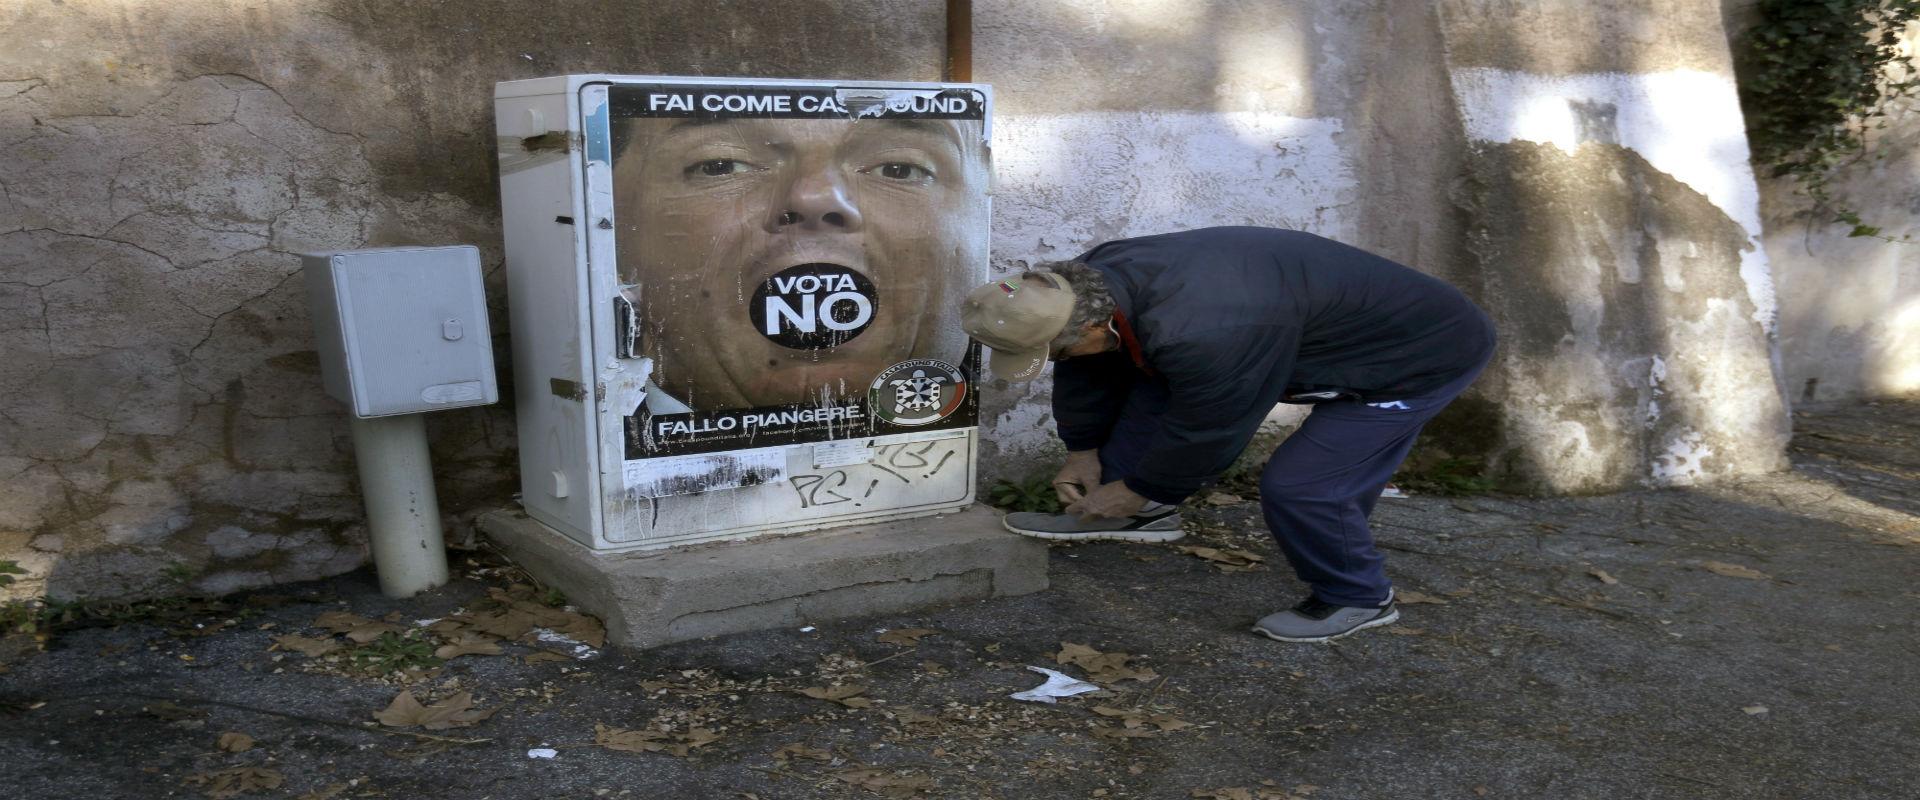 כרזת תעמולה רפורמות רנצי, רומא